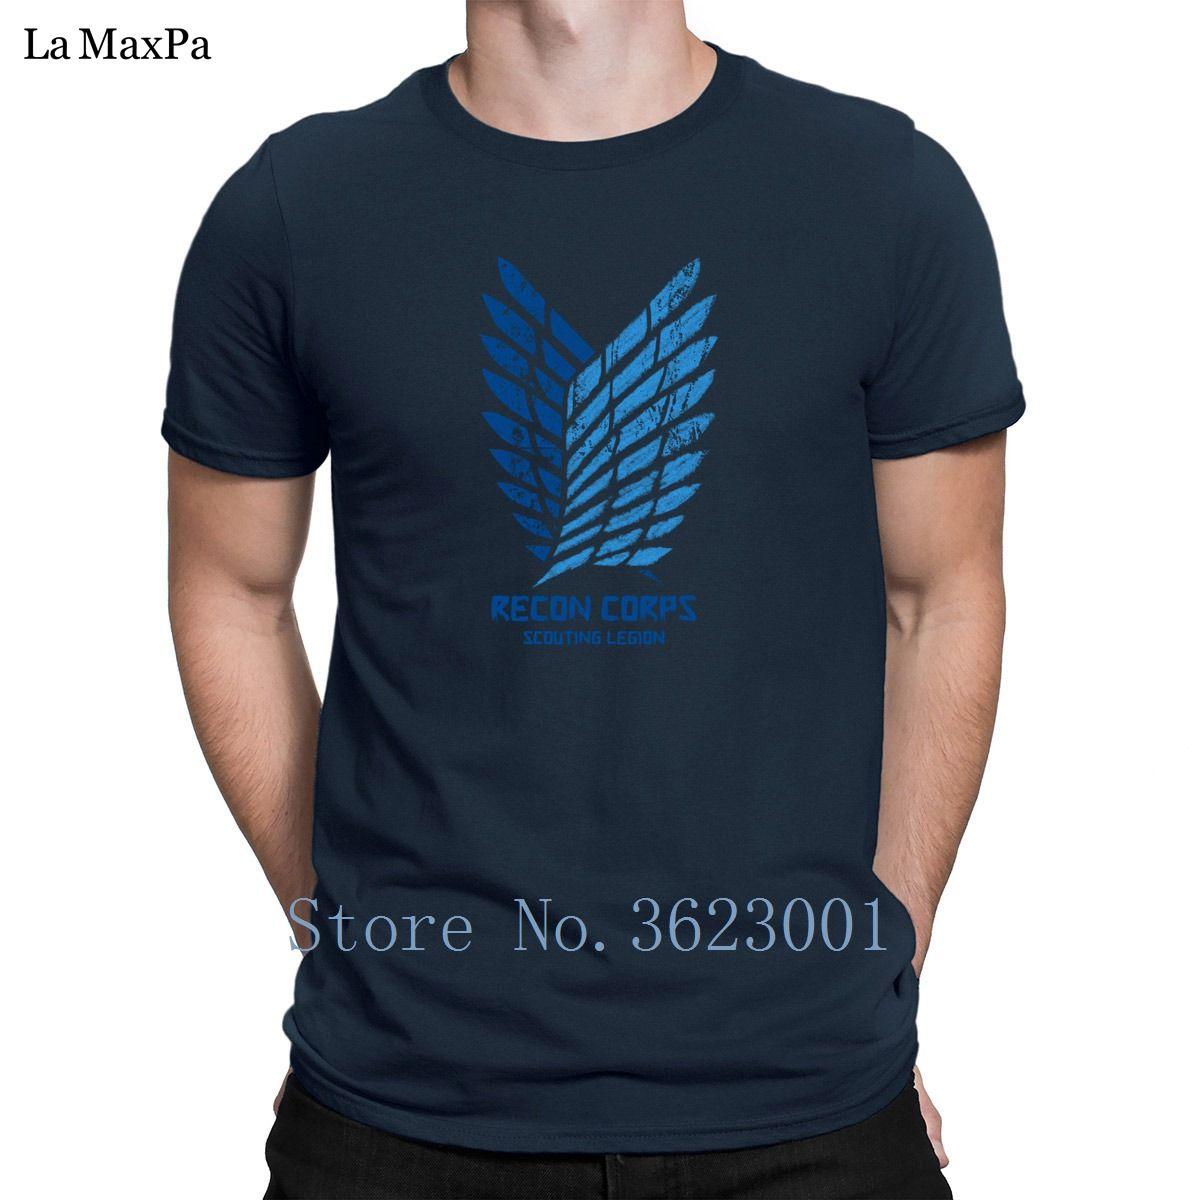 Costumbre loco camiseta para hombre del Movimiento Scout legión T Shirts Super hombre de época de verano Para Hombres hilarante Plus Tamaño 3XL